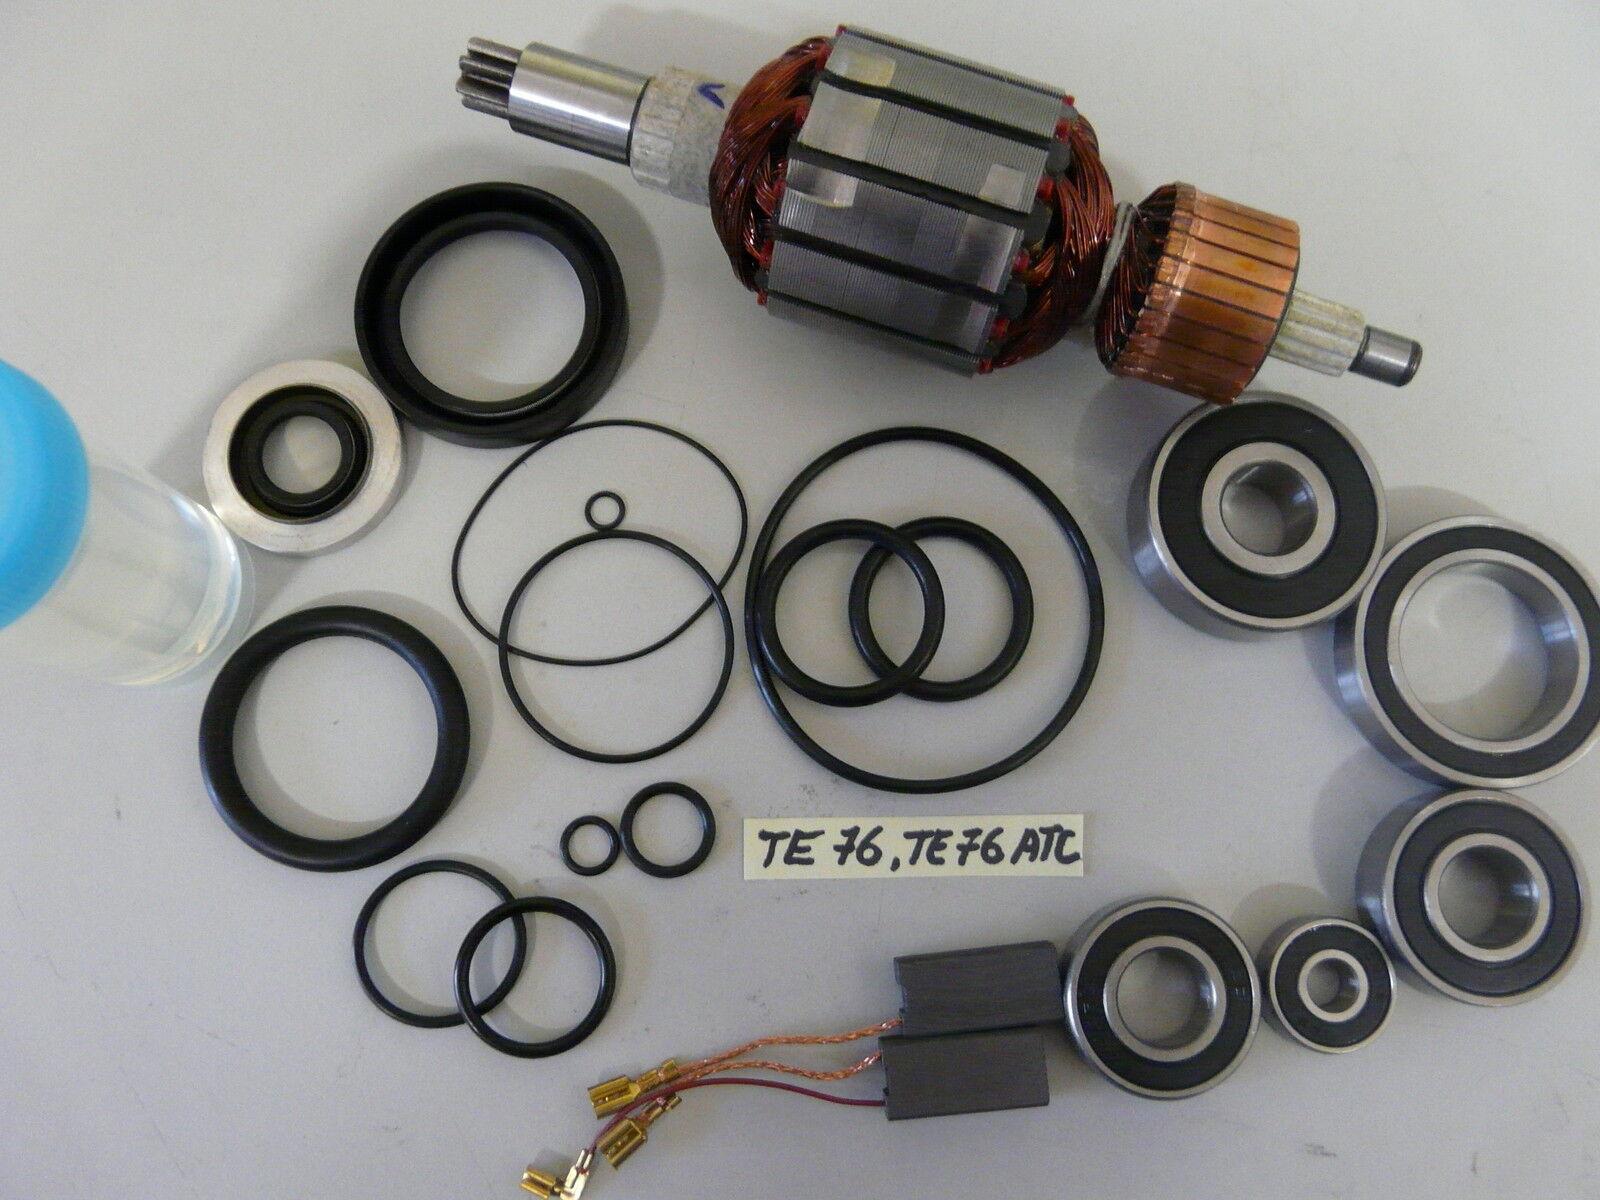 Hilti TE 76  Anker, Rotor und Reparatursatz, Verschleissteilesatz, Wartungset